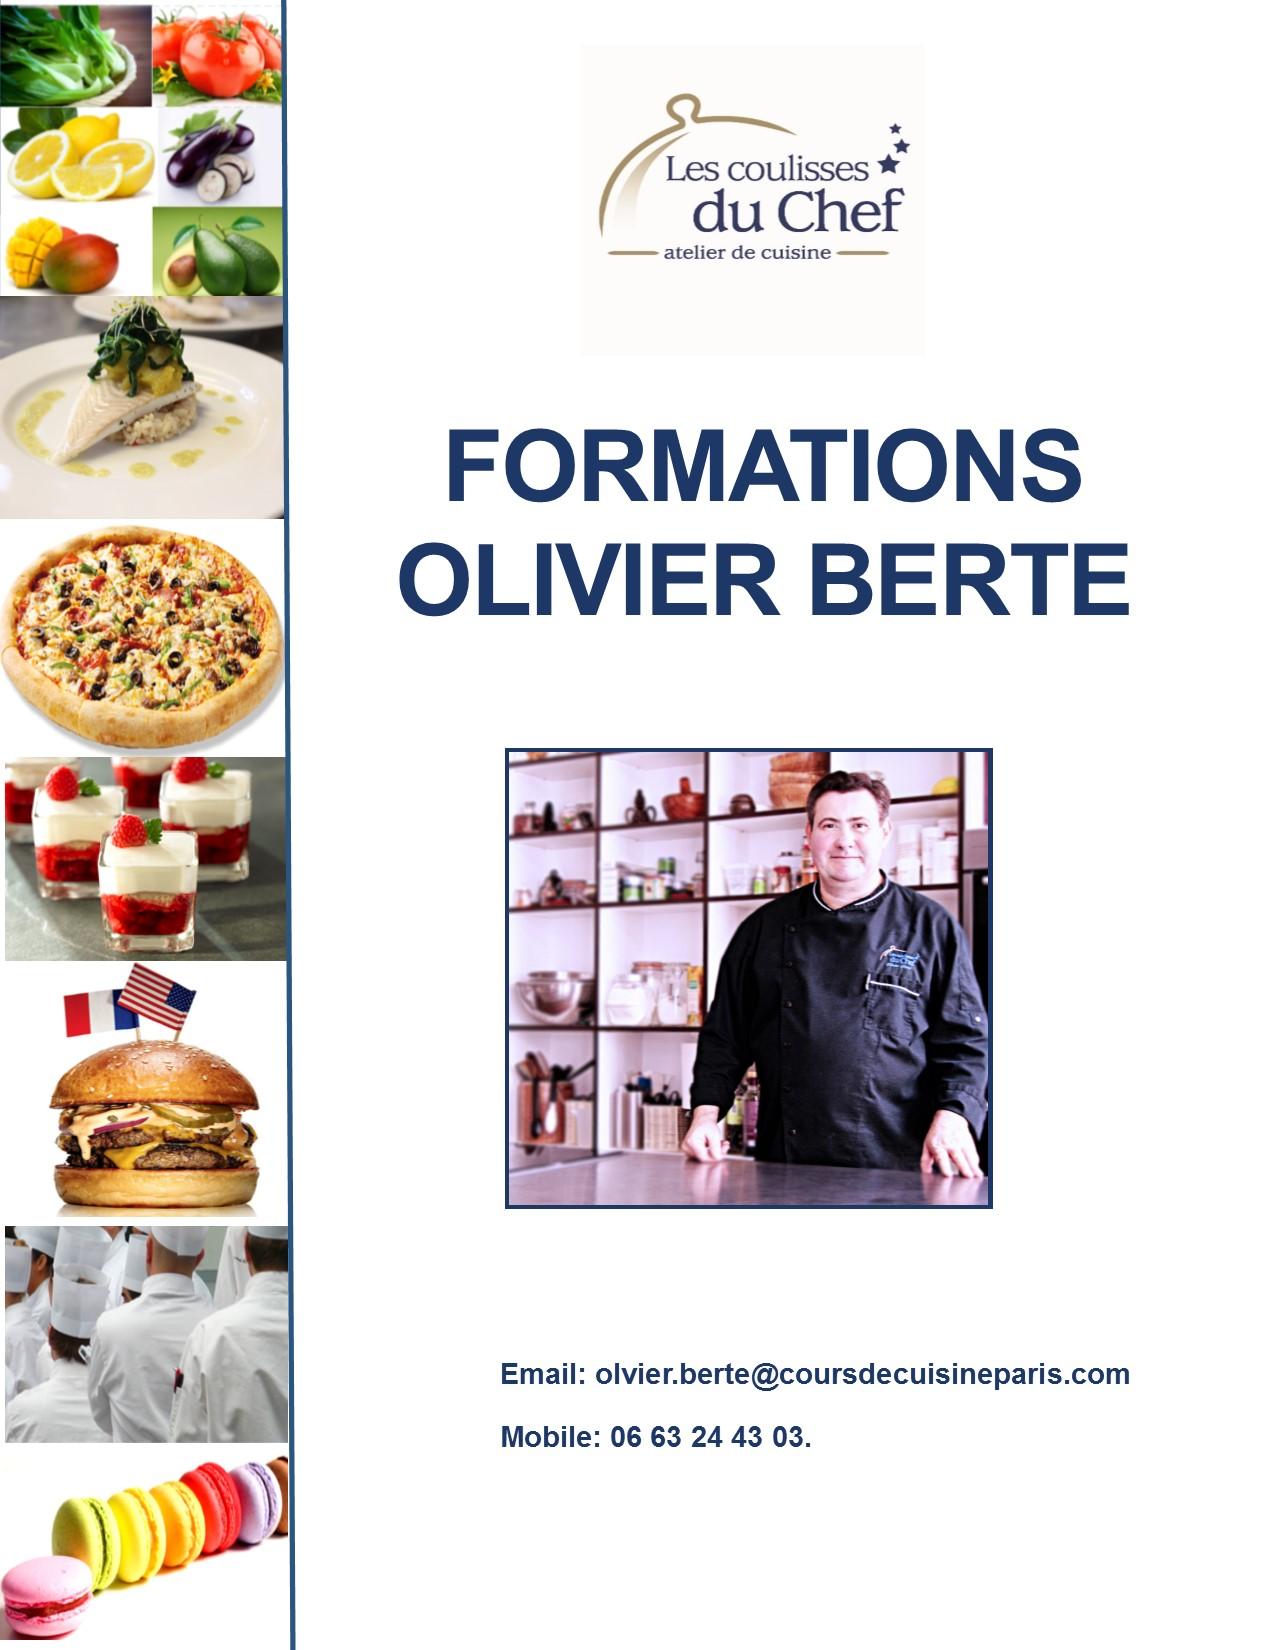 Formations pro cours de cuisine paris for Formation cuisine paris